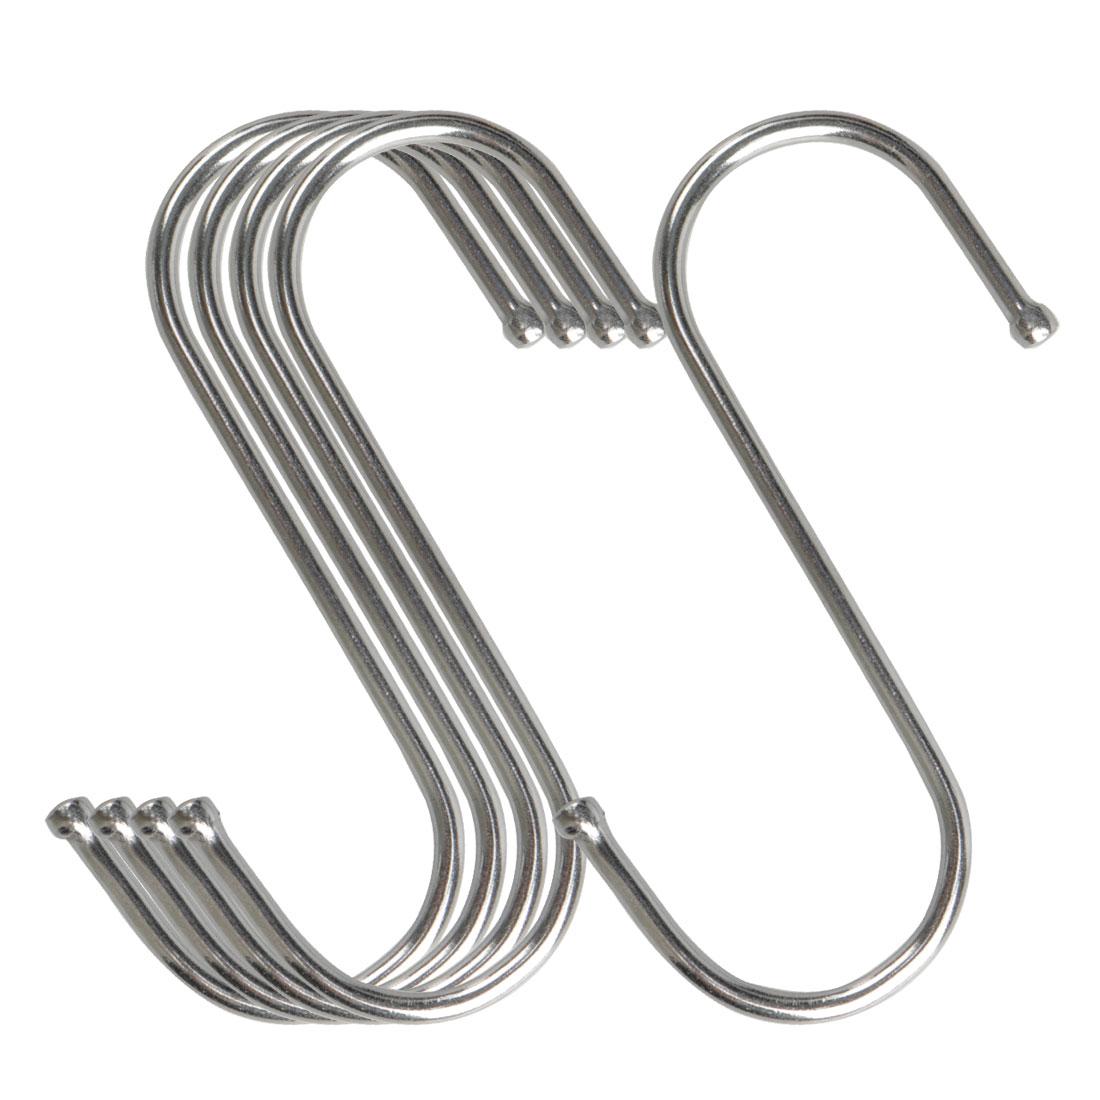 5pcs S Shaped Hook Stainless Steel for Kitchenware Pot Utensil Holder